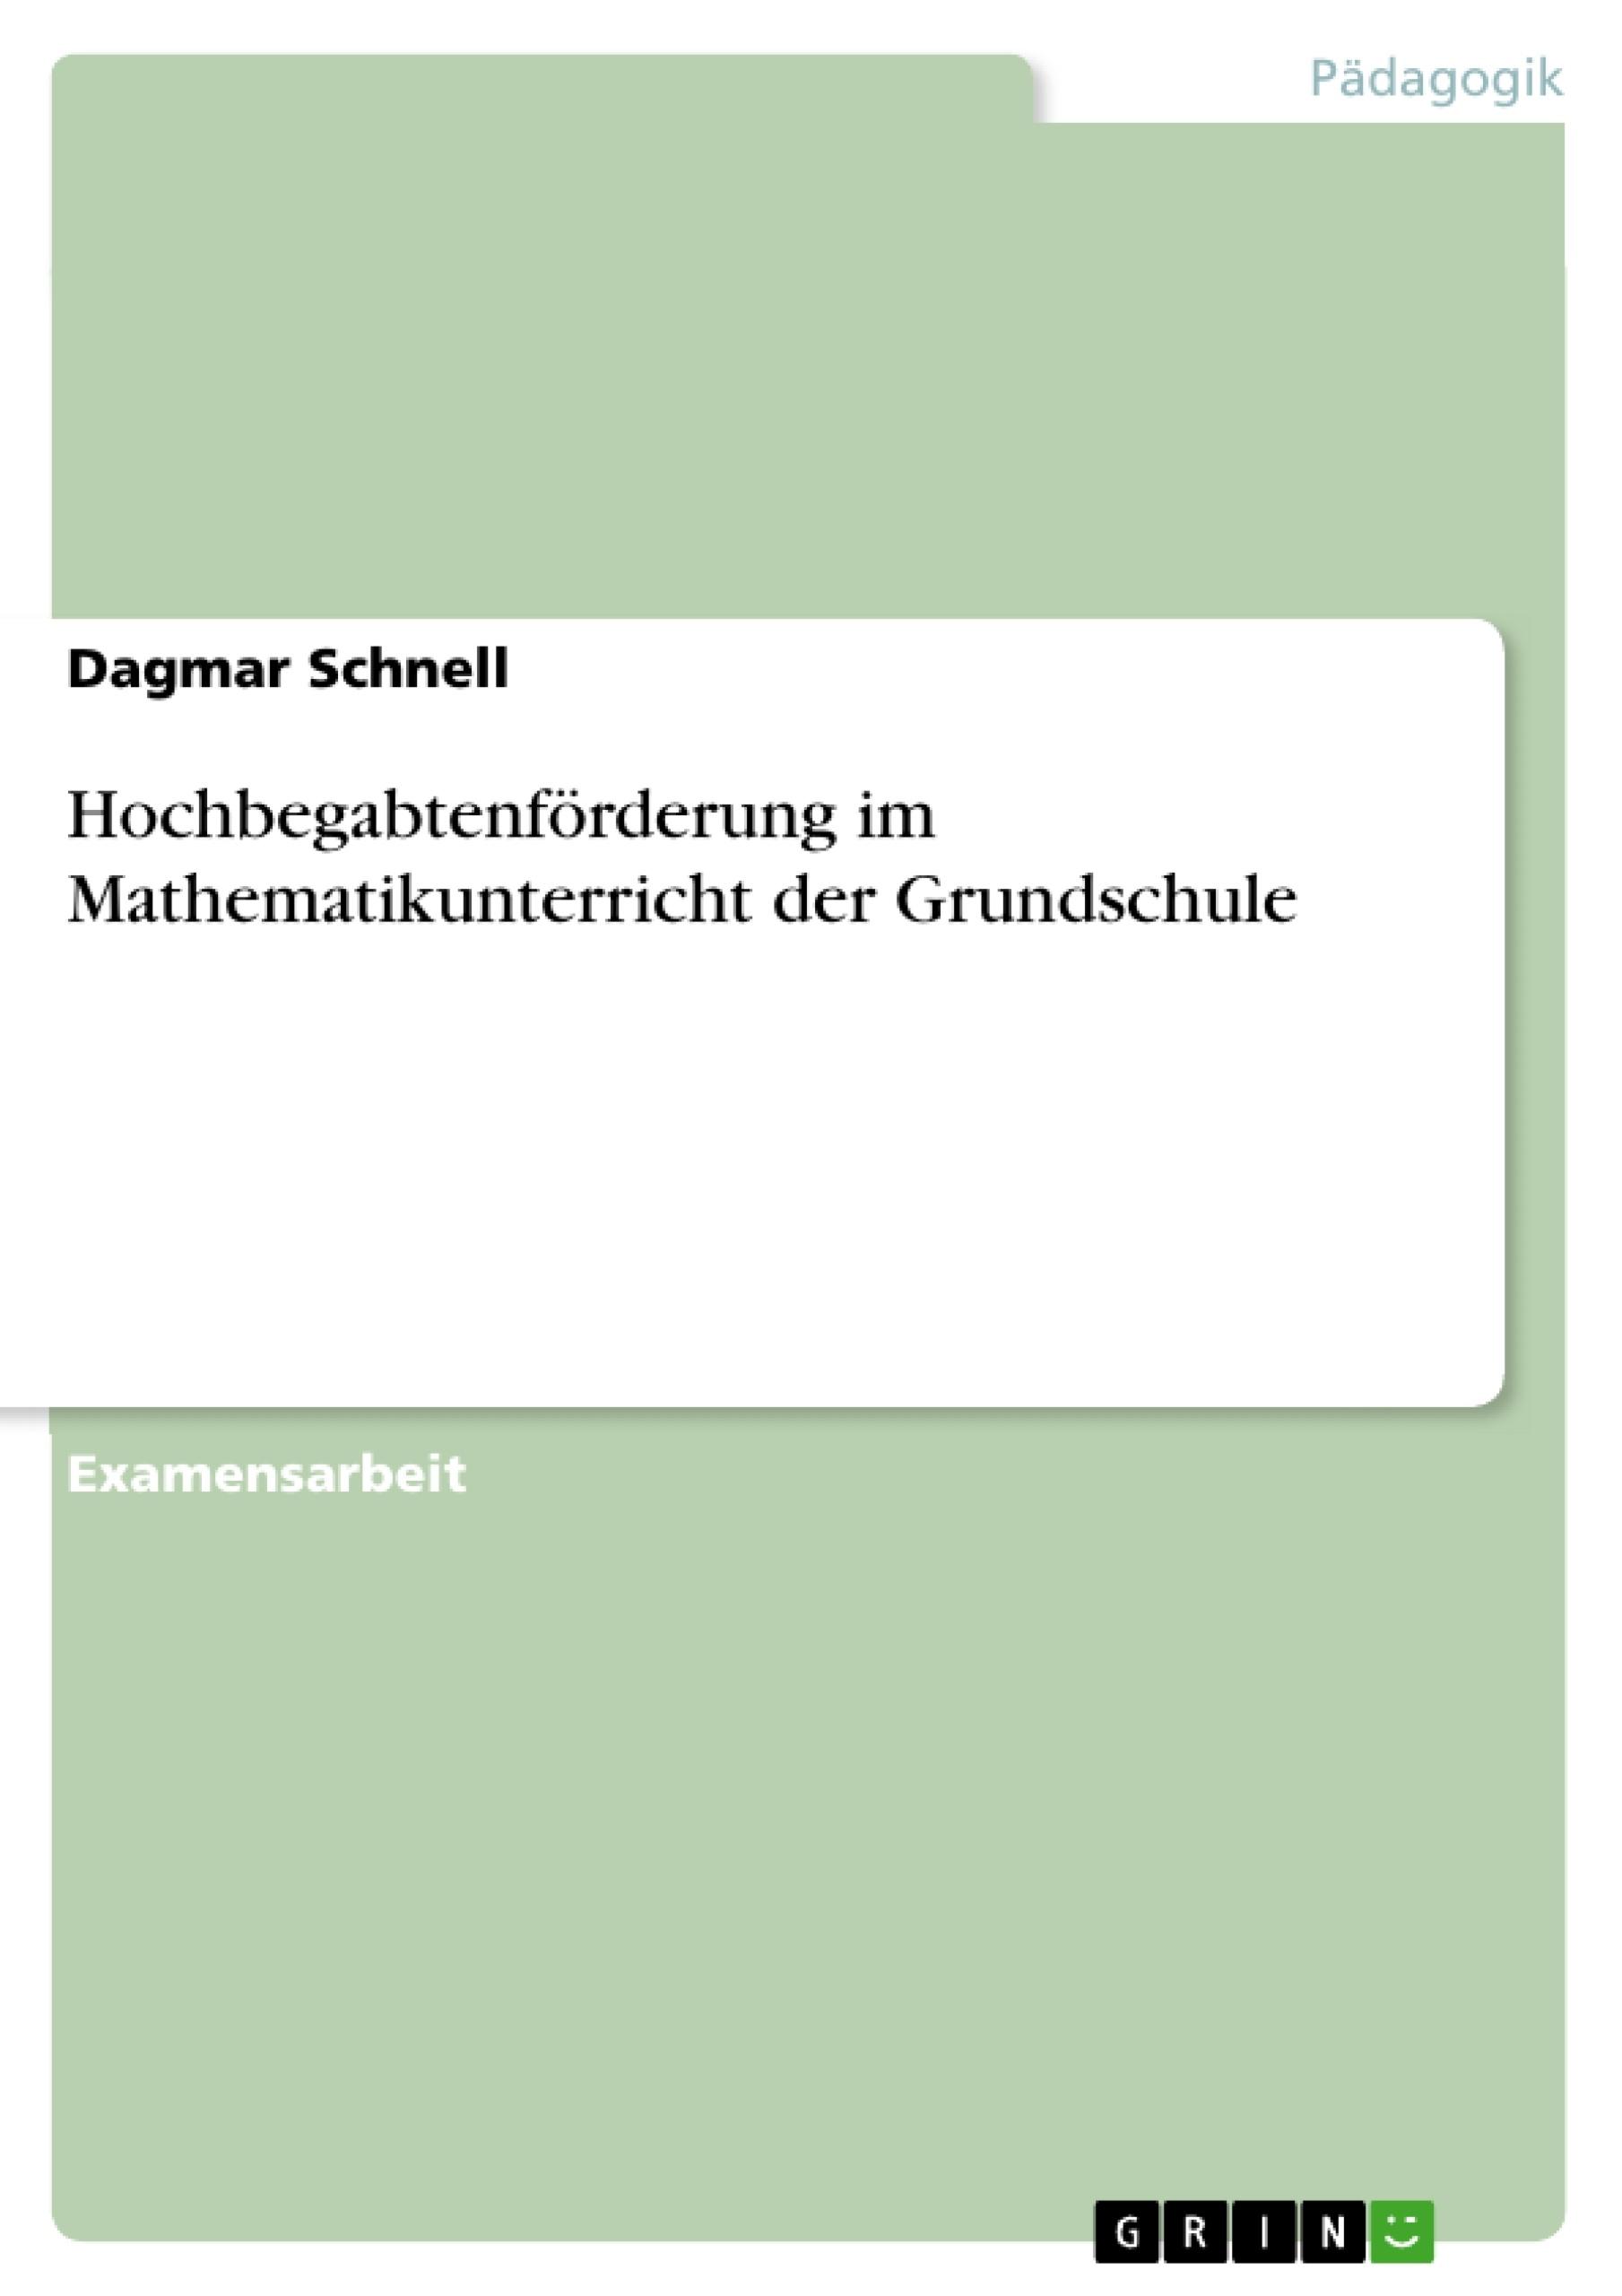 Titel: Hochbegabtenförderung im Mathematikunterricht der Grundschule